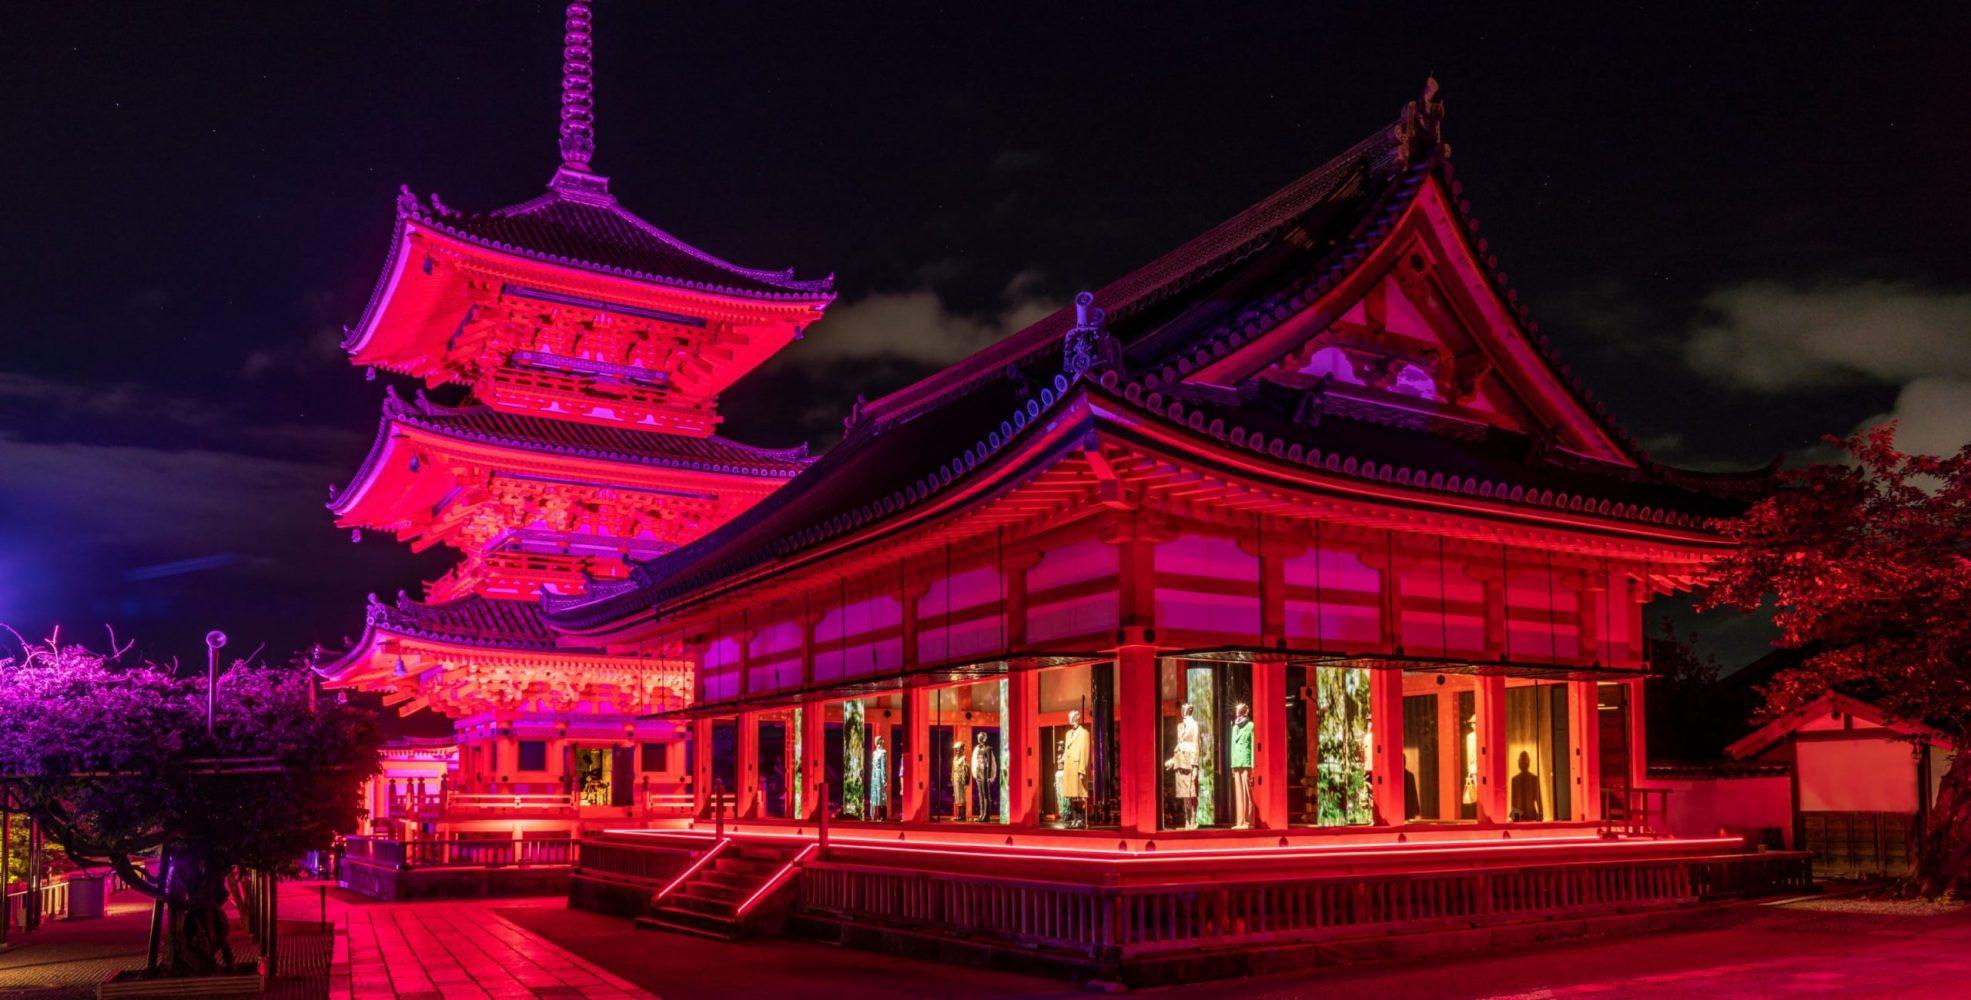 Triển lãm Gucci In Kyoto diễn ra dưới ánh đèn huyền ảo. Ảnh: fashionsnap.com.